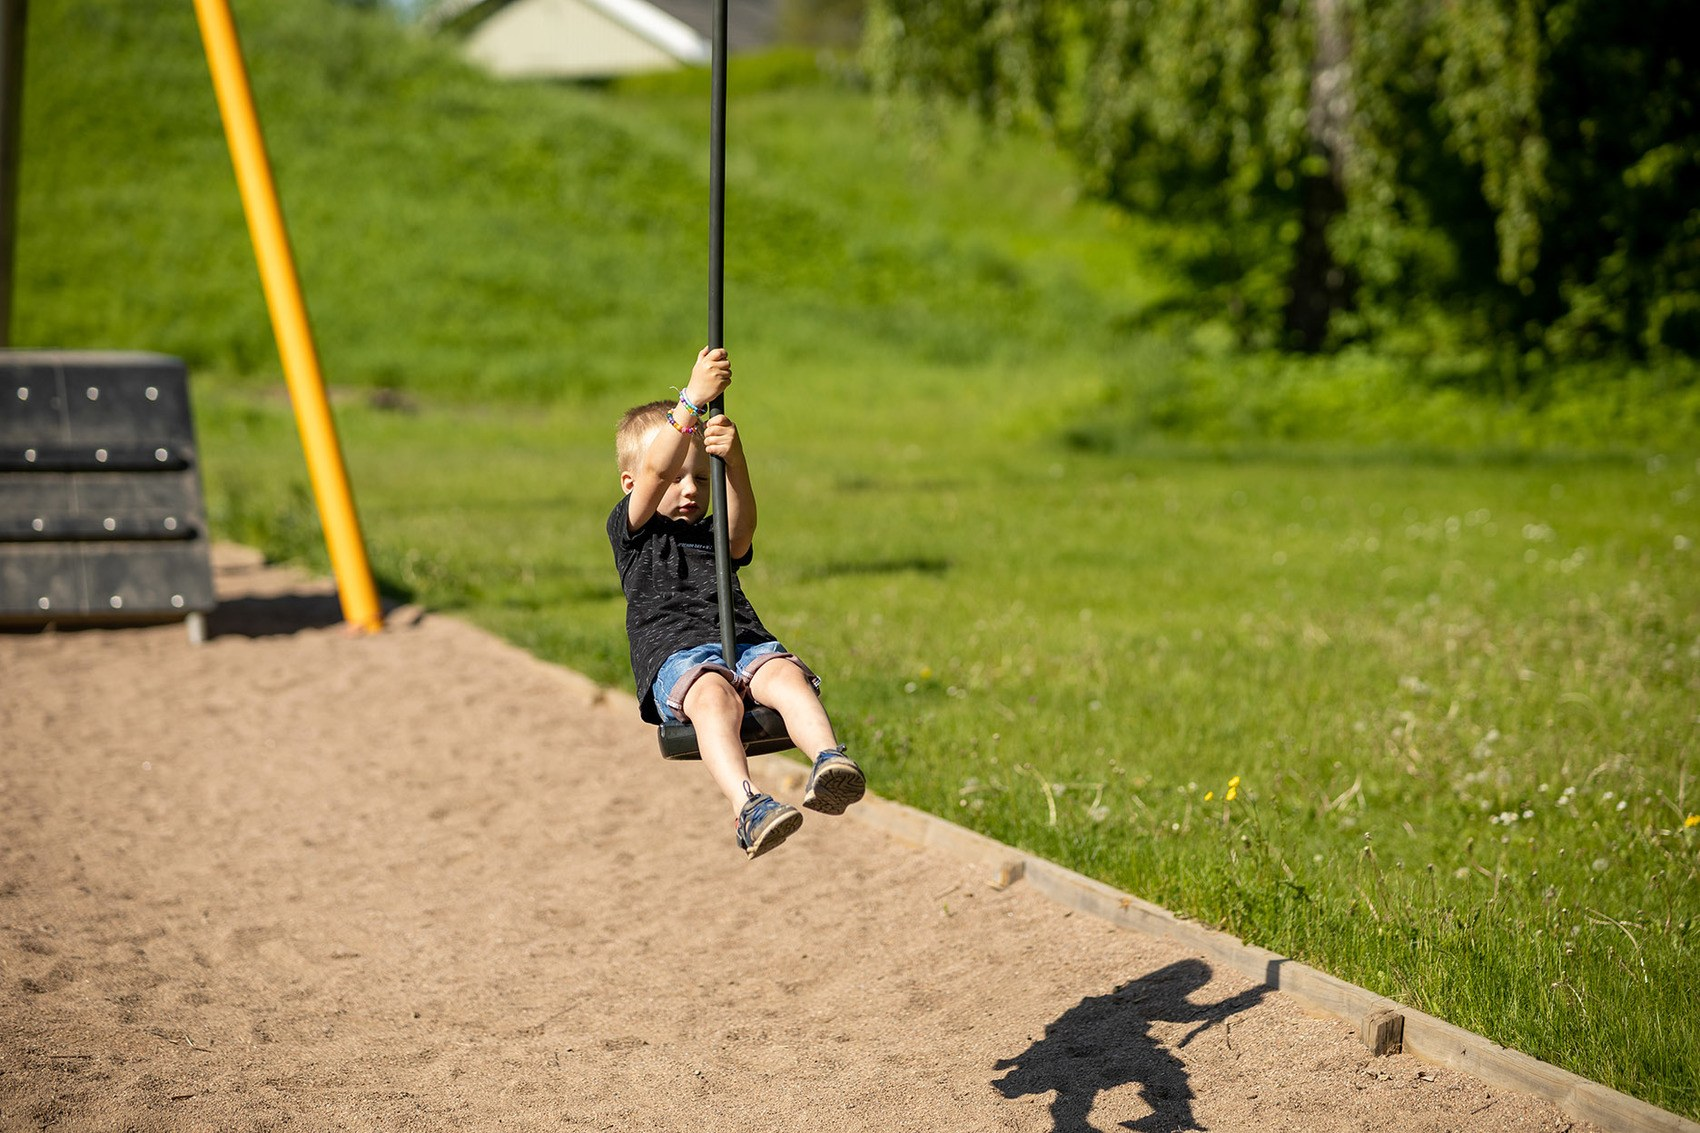 En liten pojke klädd i svart tröja och jeansshorts åker linbana